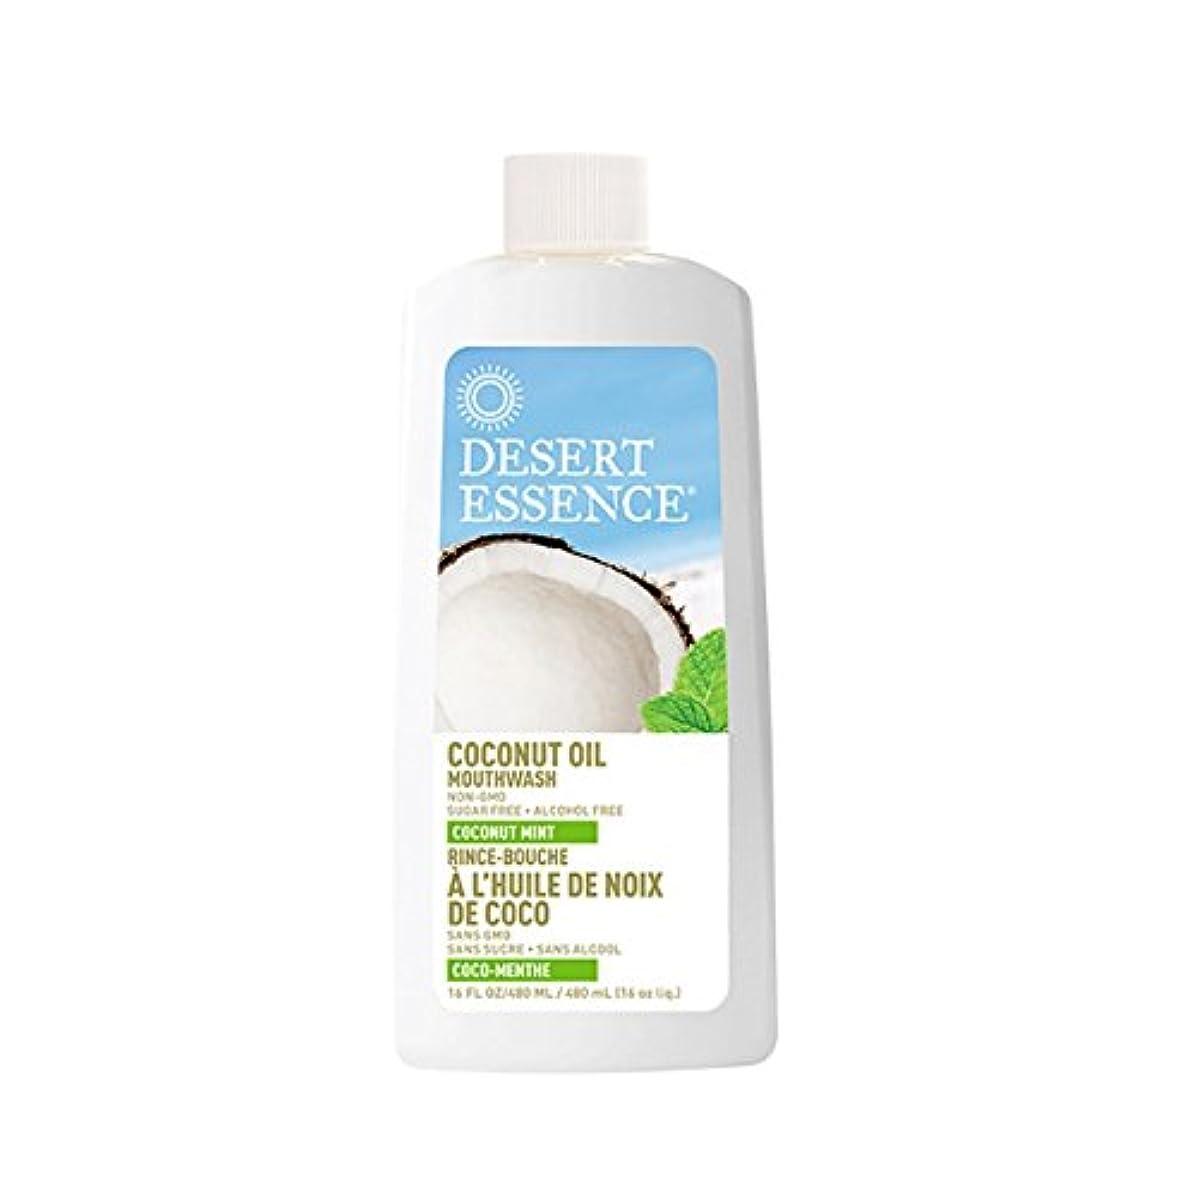 Desert Essence ココナッツオイルホワイトニングマウスウォッシュ、16液量オンス